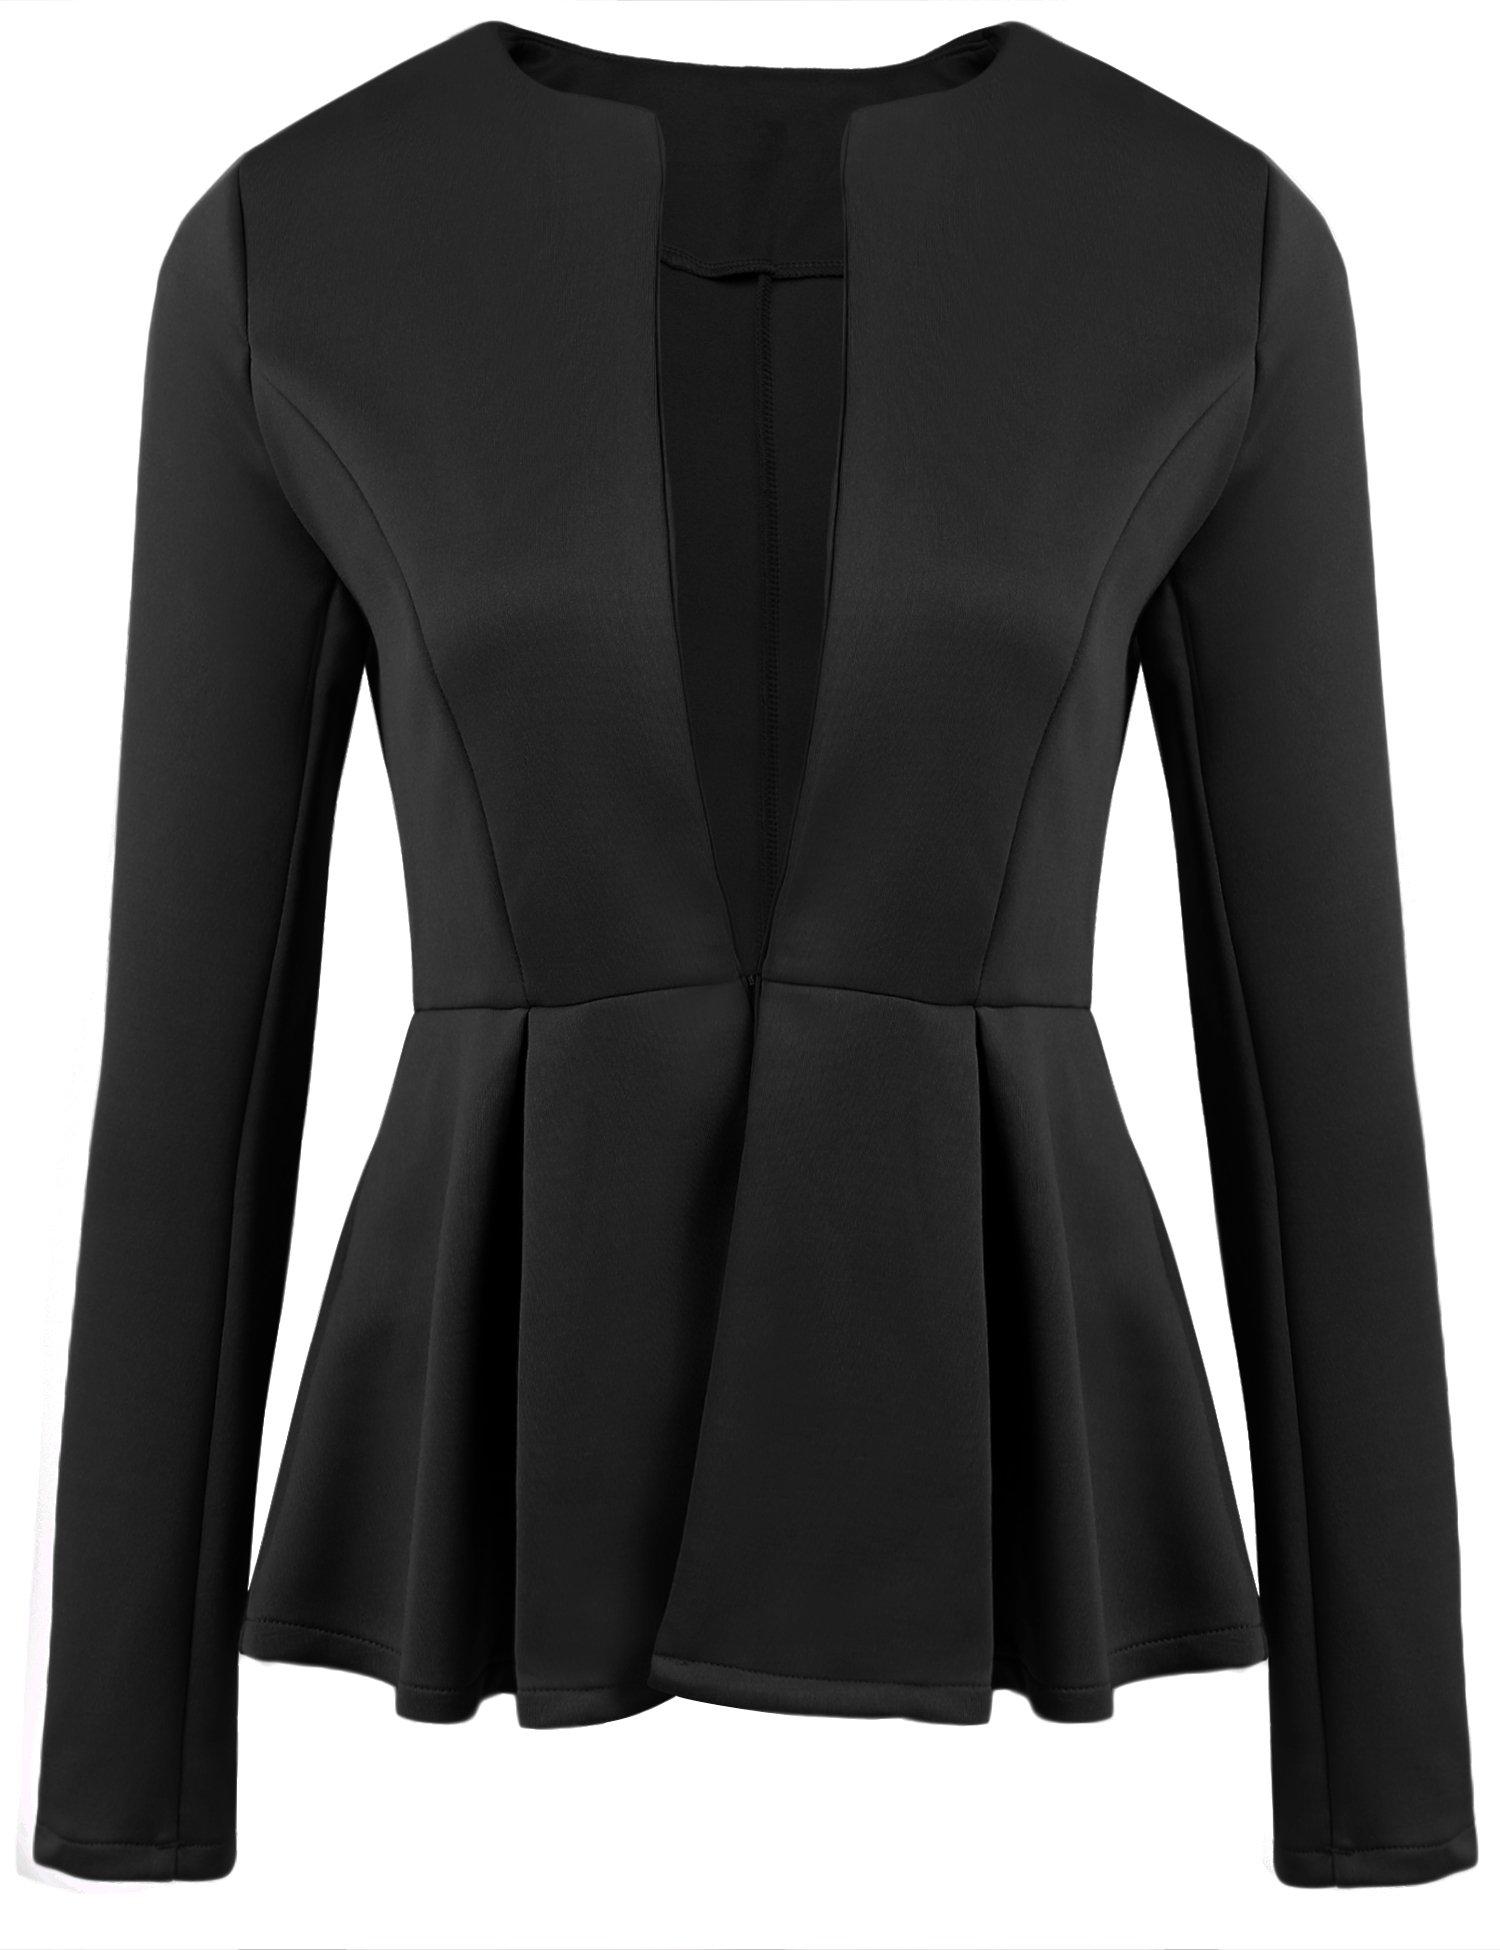 Balancora Damen Business Blazer Slim fit kragenlos OL-Pendler-Blazer mit Rüschesaum Frauen Businessanzug elegant schwarz M